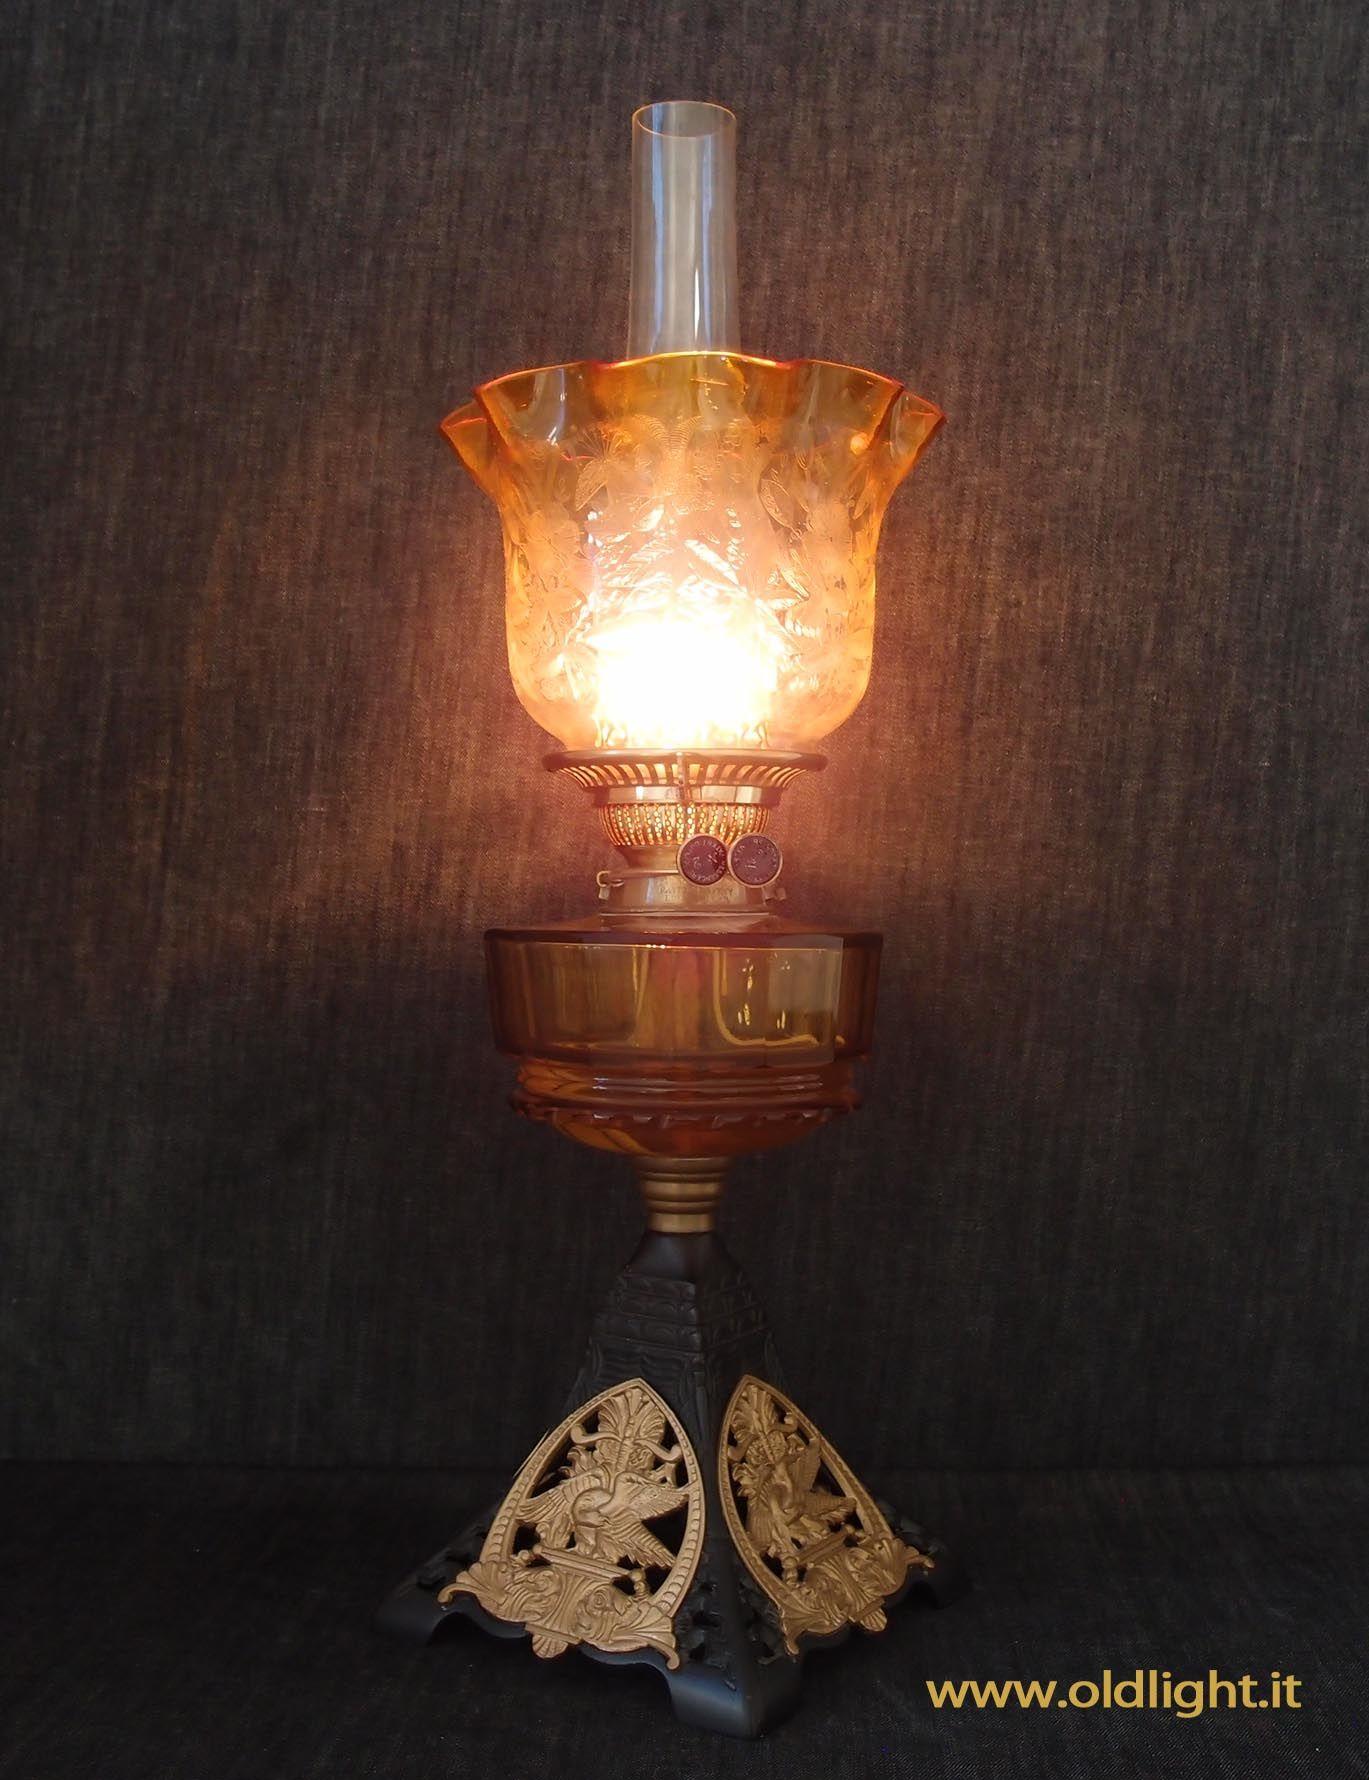 Lampada Da Tavolo Inglese In Perfetto Stile Vittoriano Base In Fusione Di Ghisa Con Fregi Amovibili Brev N 228862 Rariss Lamp Oil Lamps Lamp Light